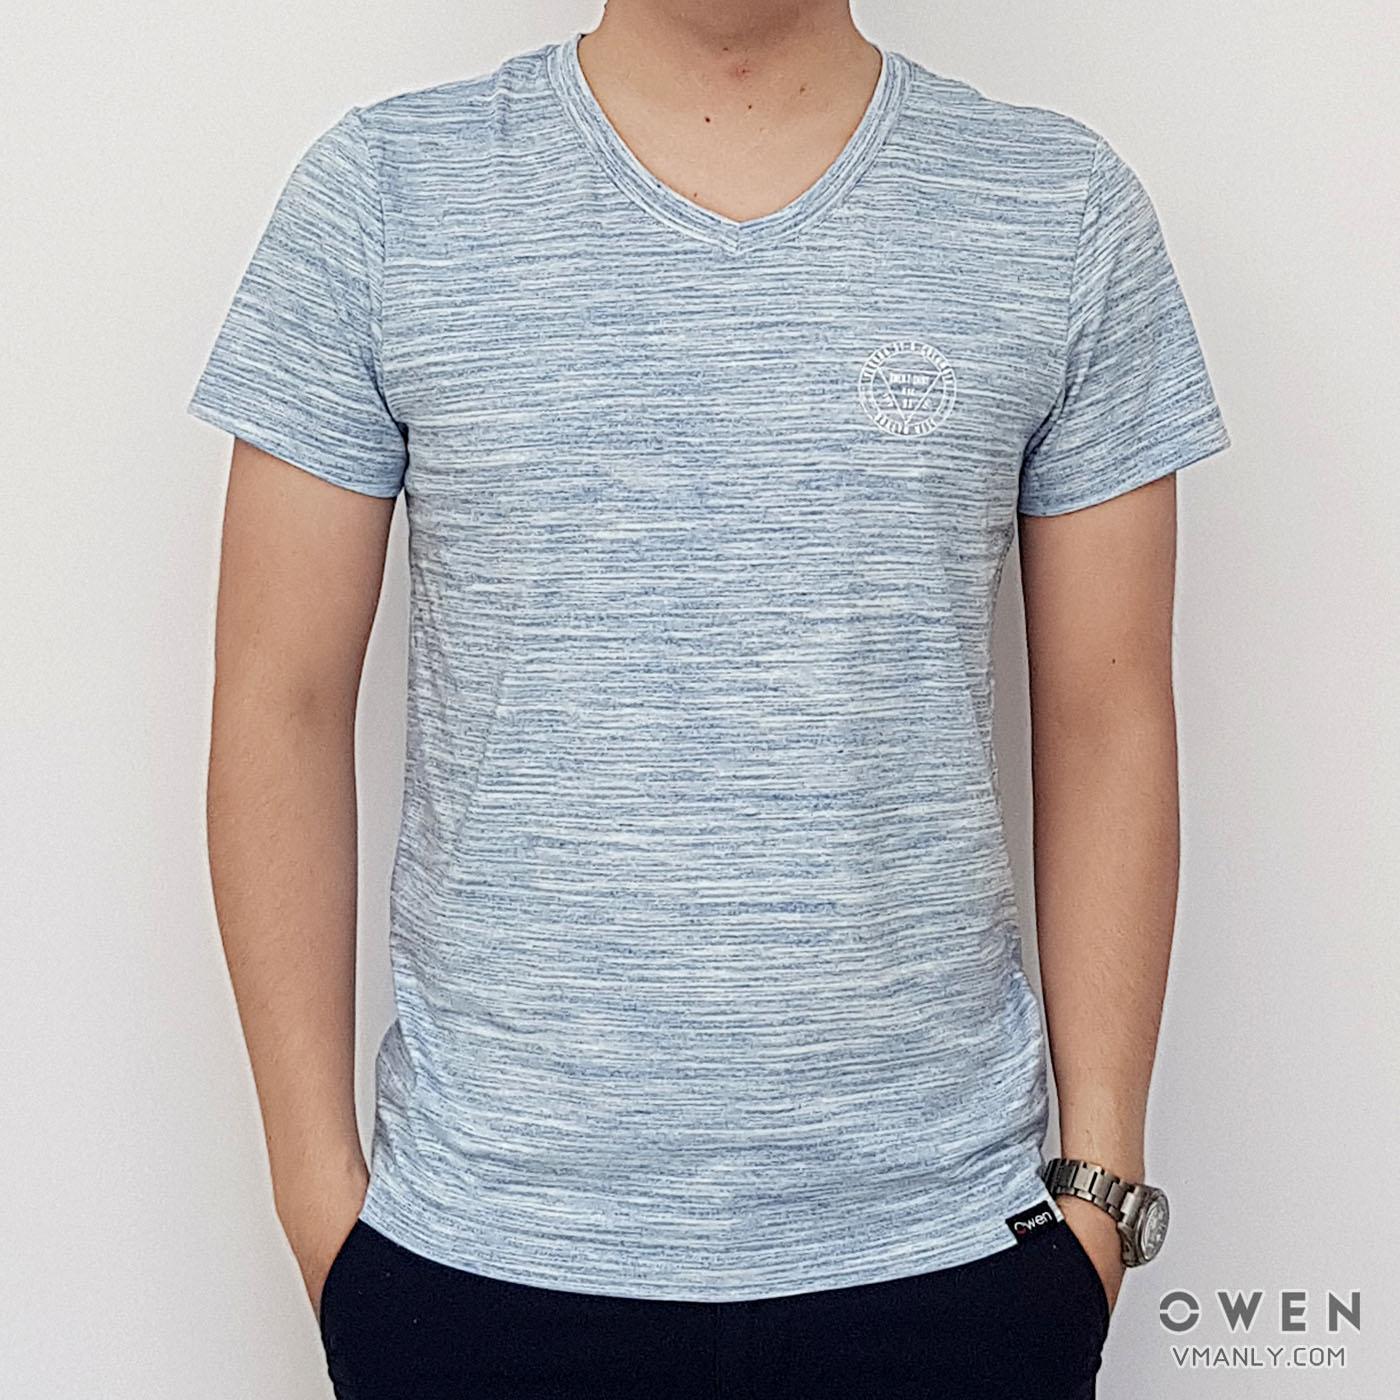 Áo T-shirt nam Owen cổ tim màu xanh xước TS18235N